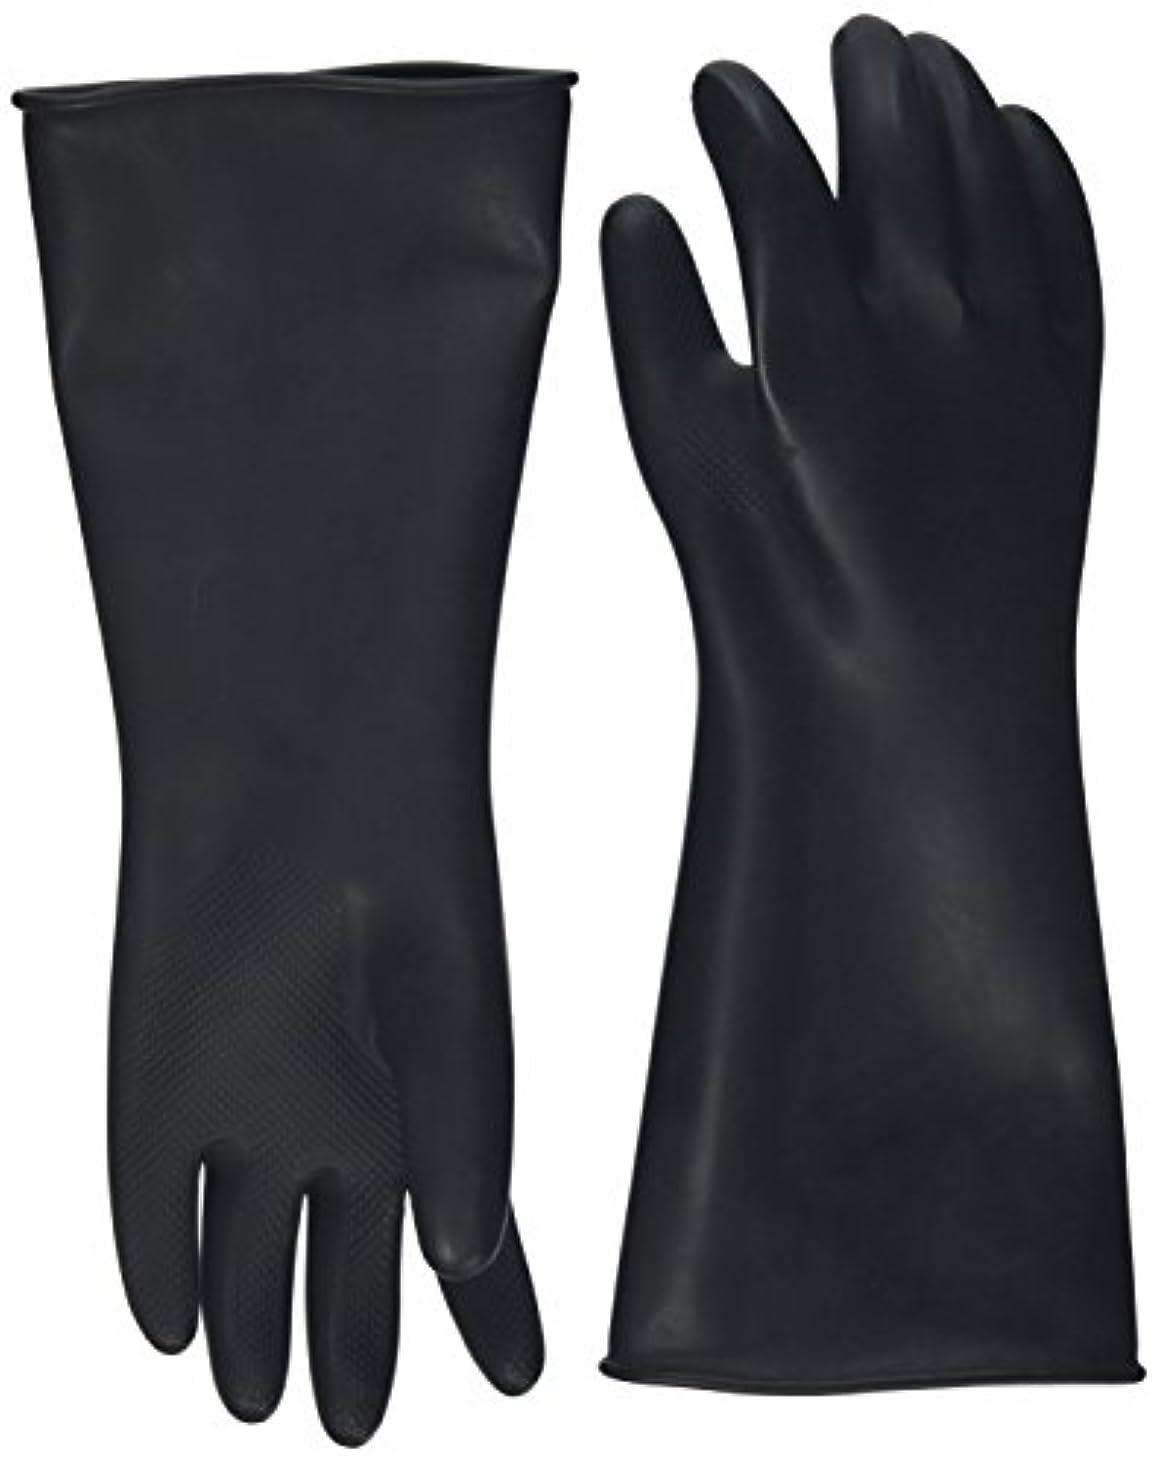 アルコーブ感覚にやにやハナキゴム 工業用手袋ハナローブ No.436 滑り止め付き曲指型 ブラック